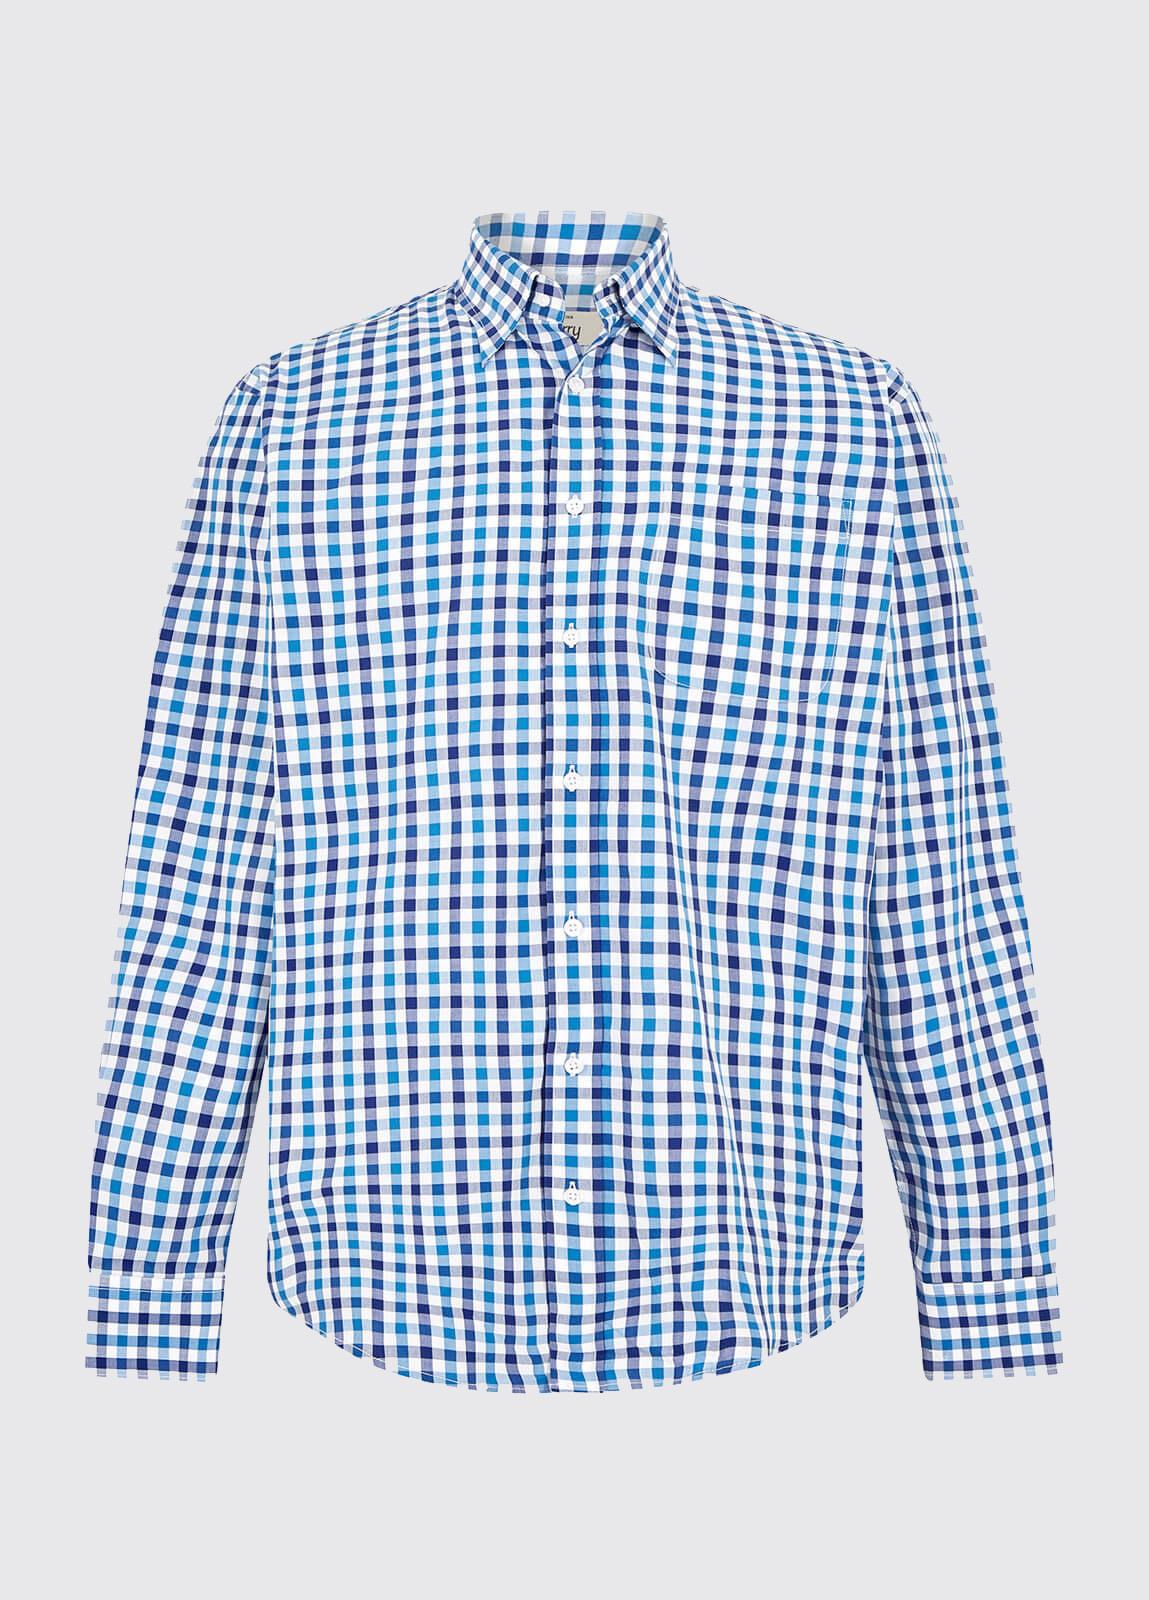 Coachford Shirt - Royal Blue